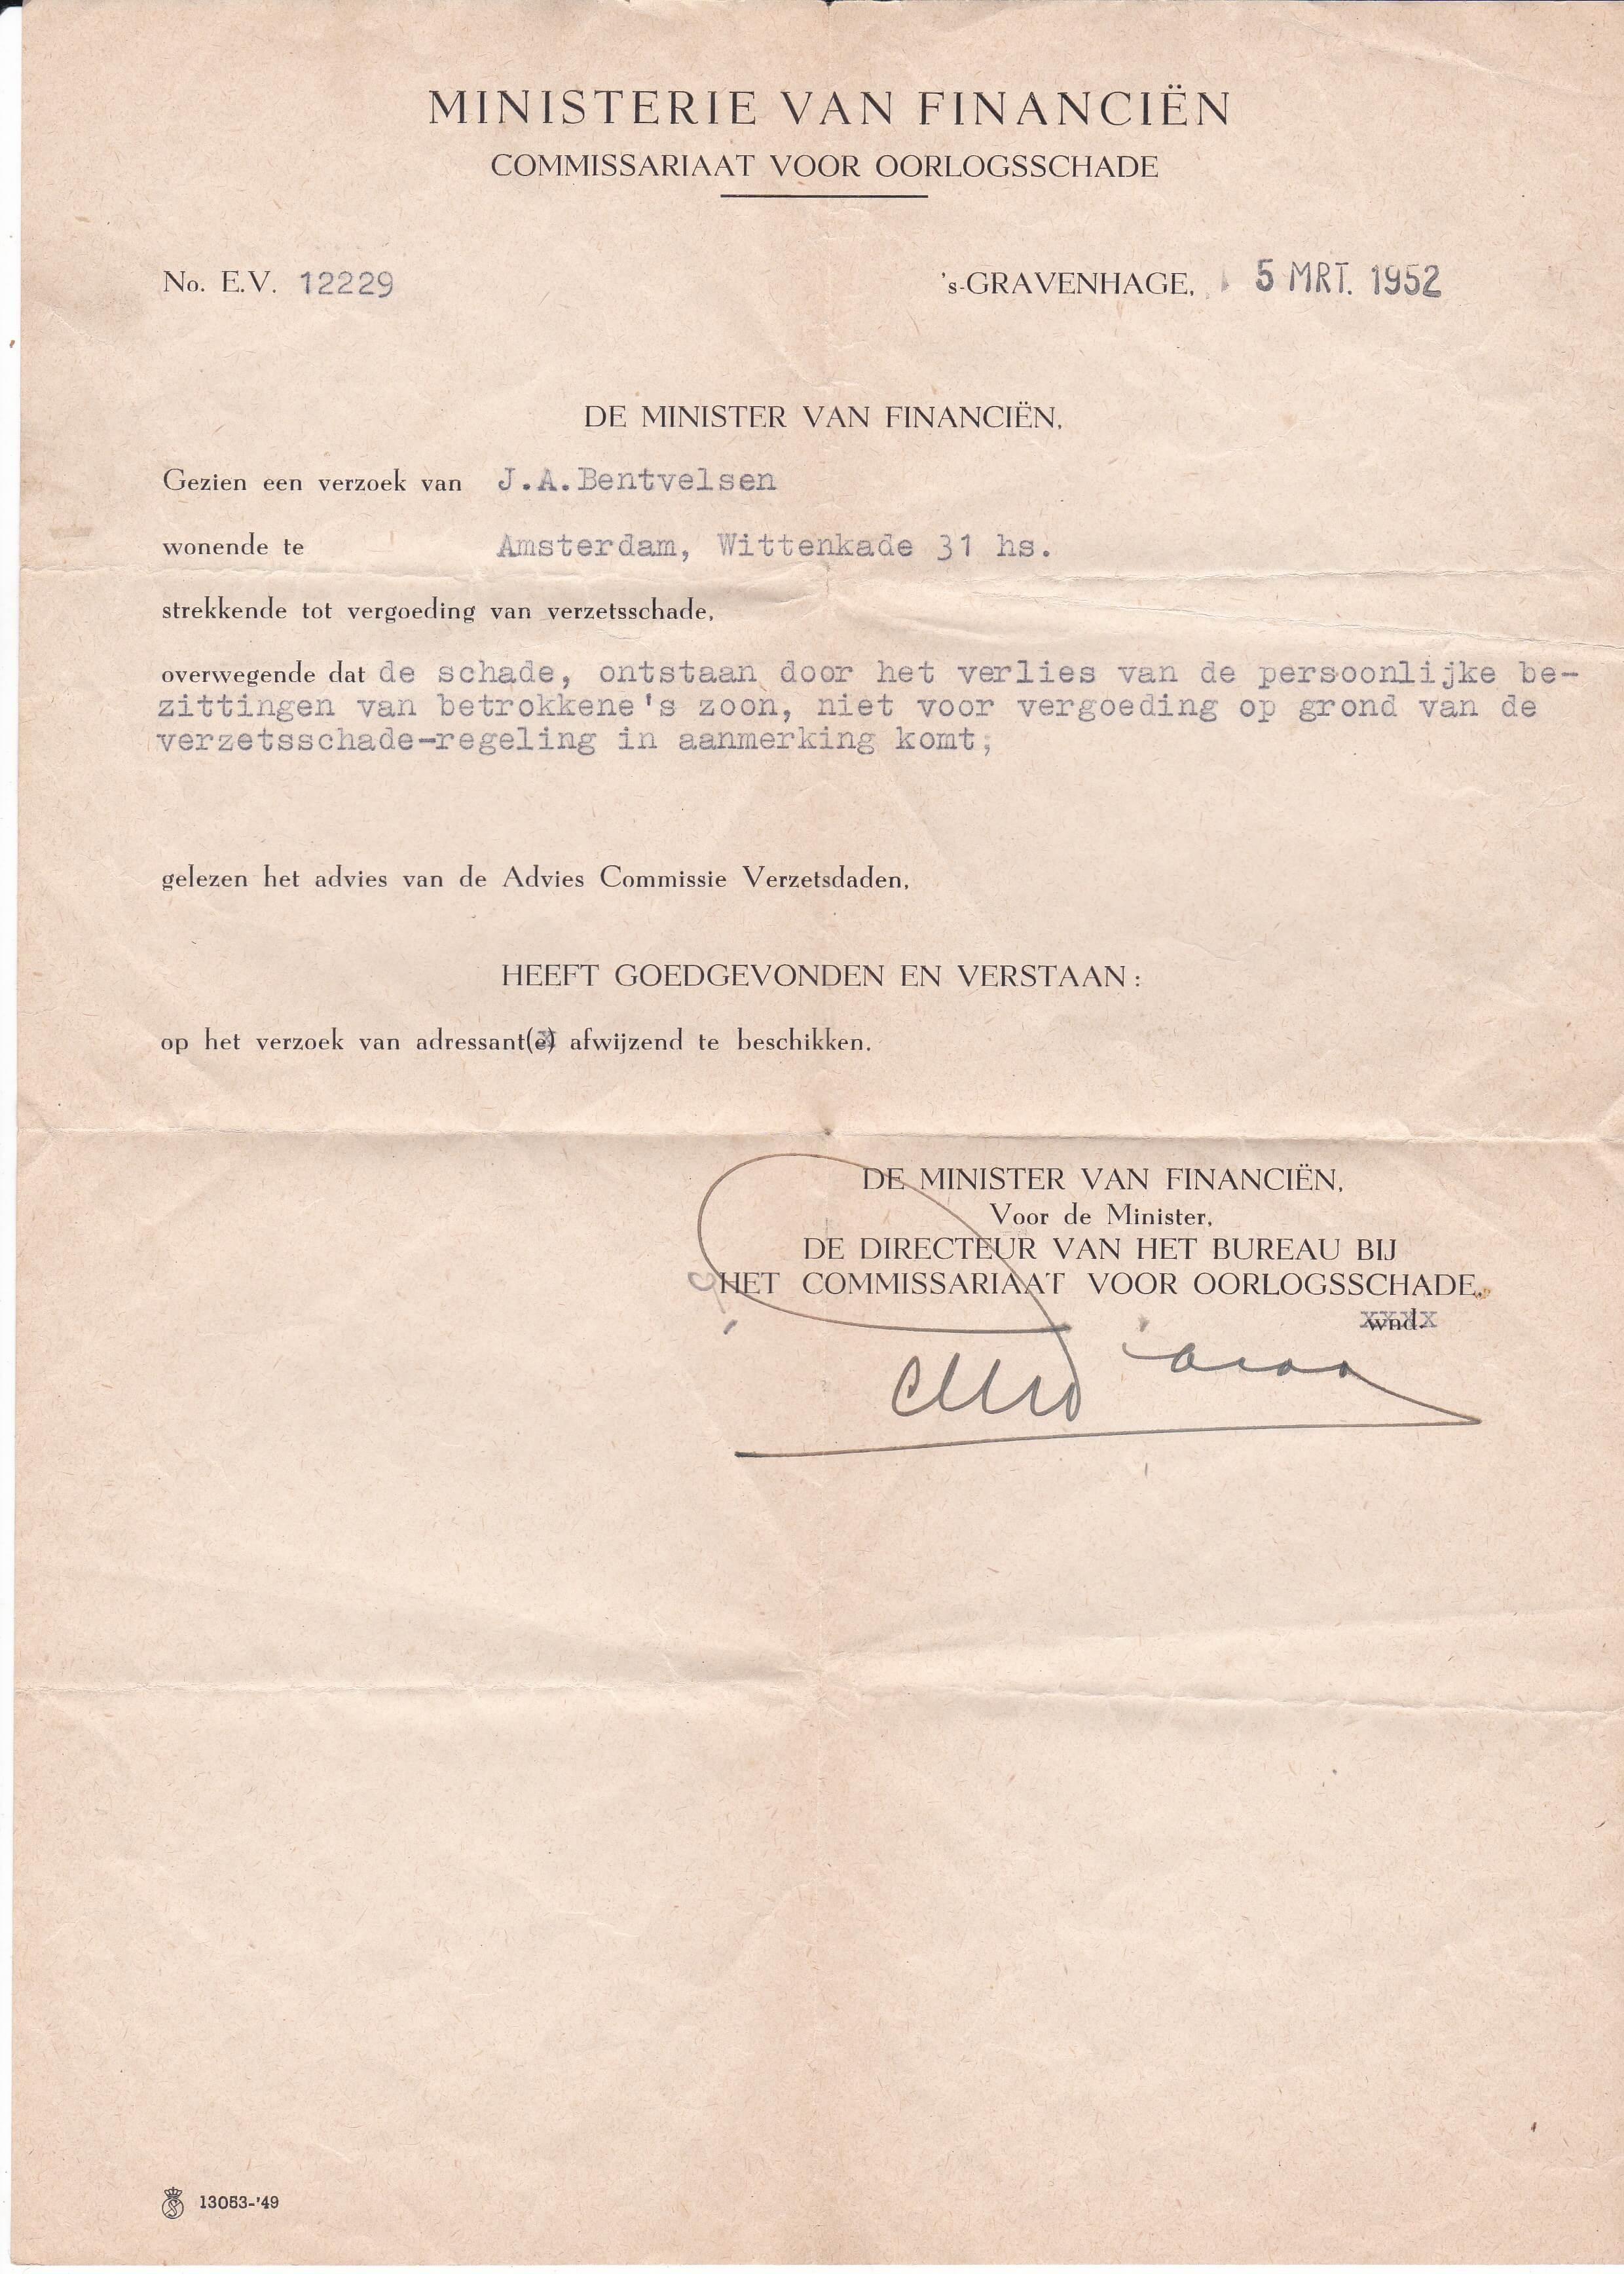 Commissariaat voor oorlogsschade tweede wereldoorlog